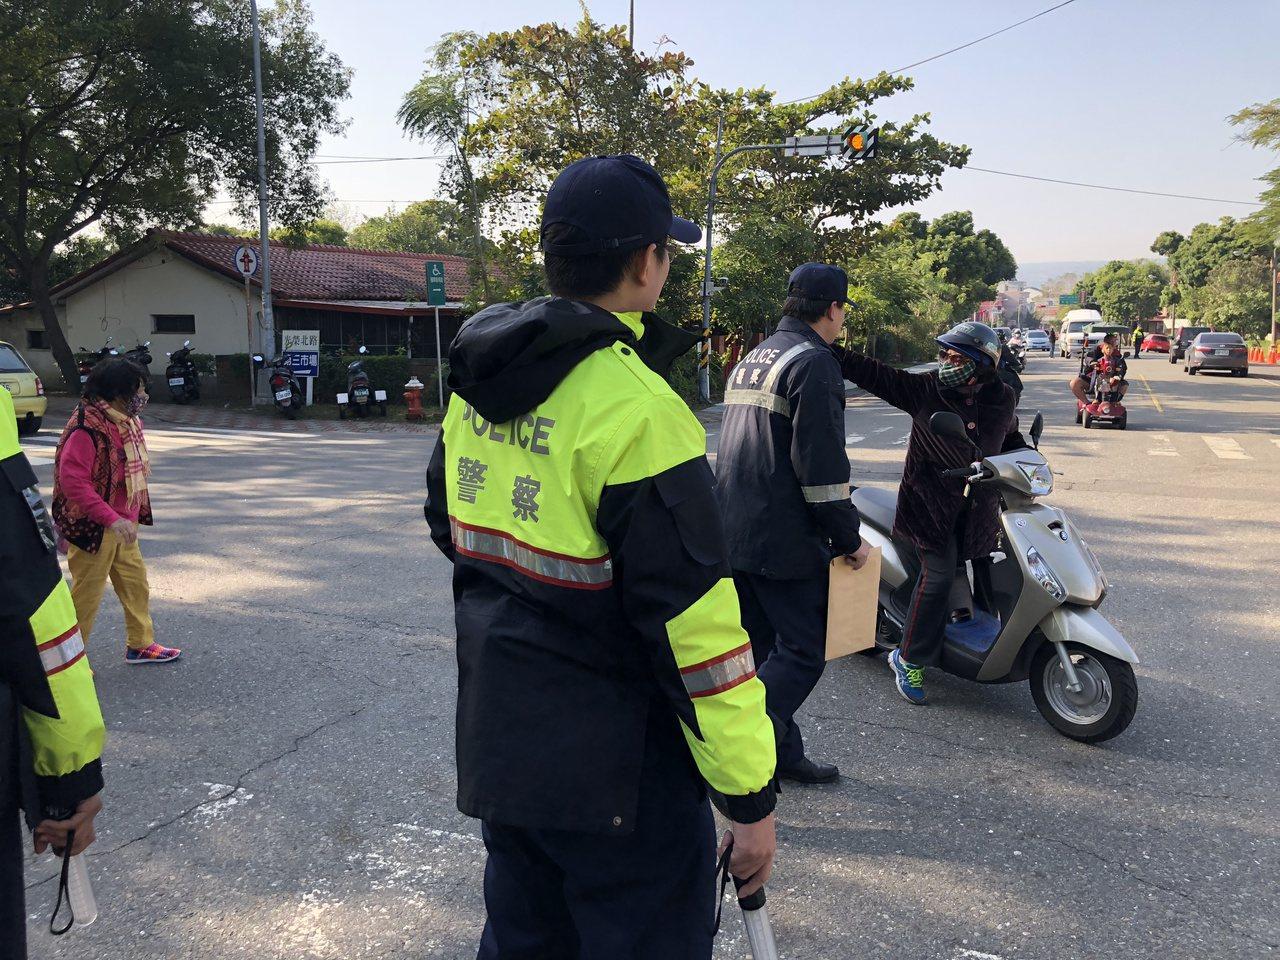 警方在路口針對想進入管制區的車輛攔查,詢問駕駛人身分和目的。記者江良誠/攝影